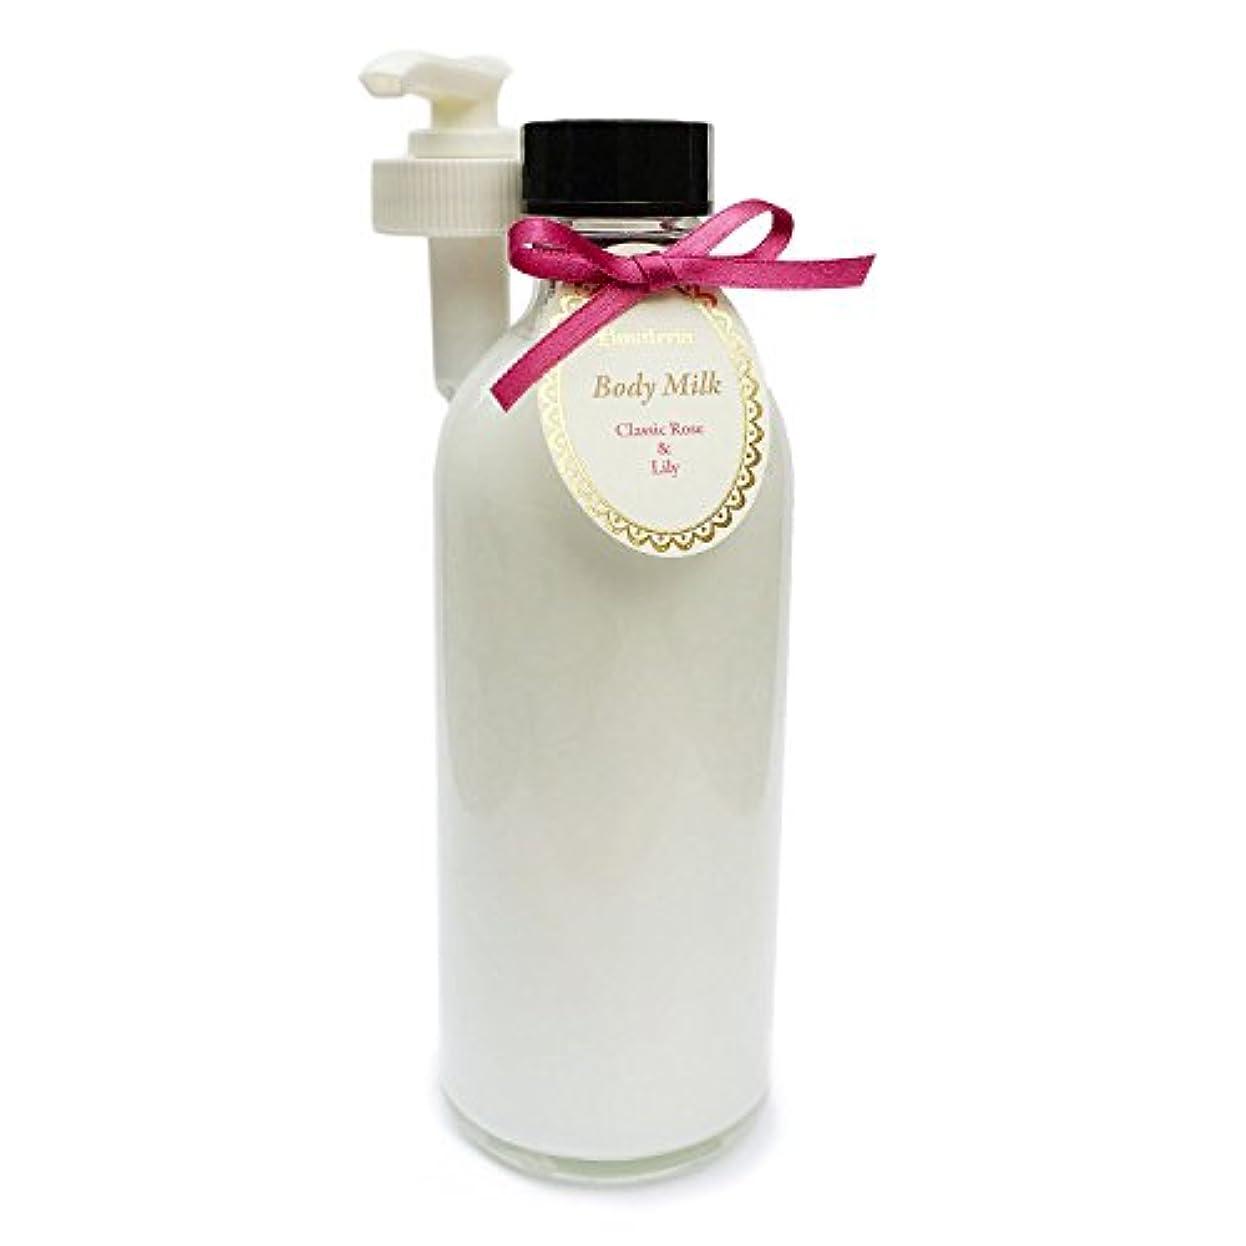 好意発疹熱心D materia ボディミルク クラシックローズ&リリー Classic Rose&Lily Body Milk ディーマテリア